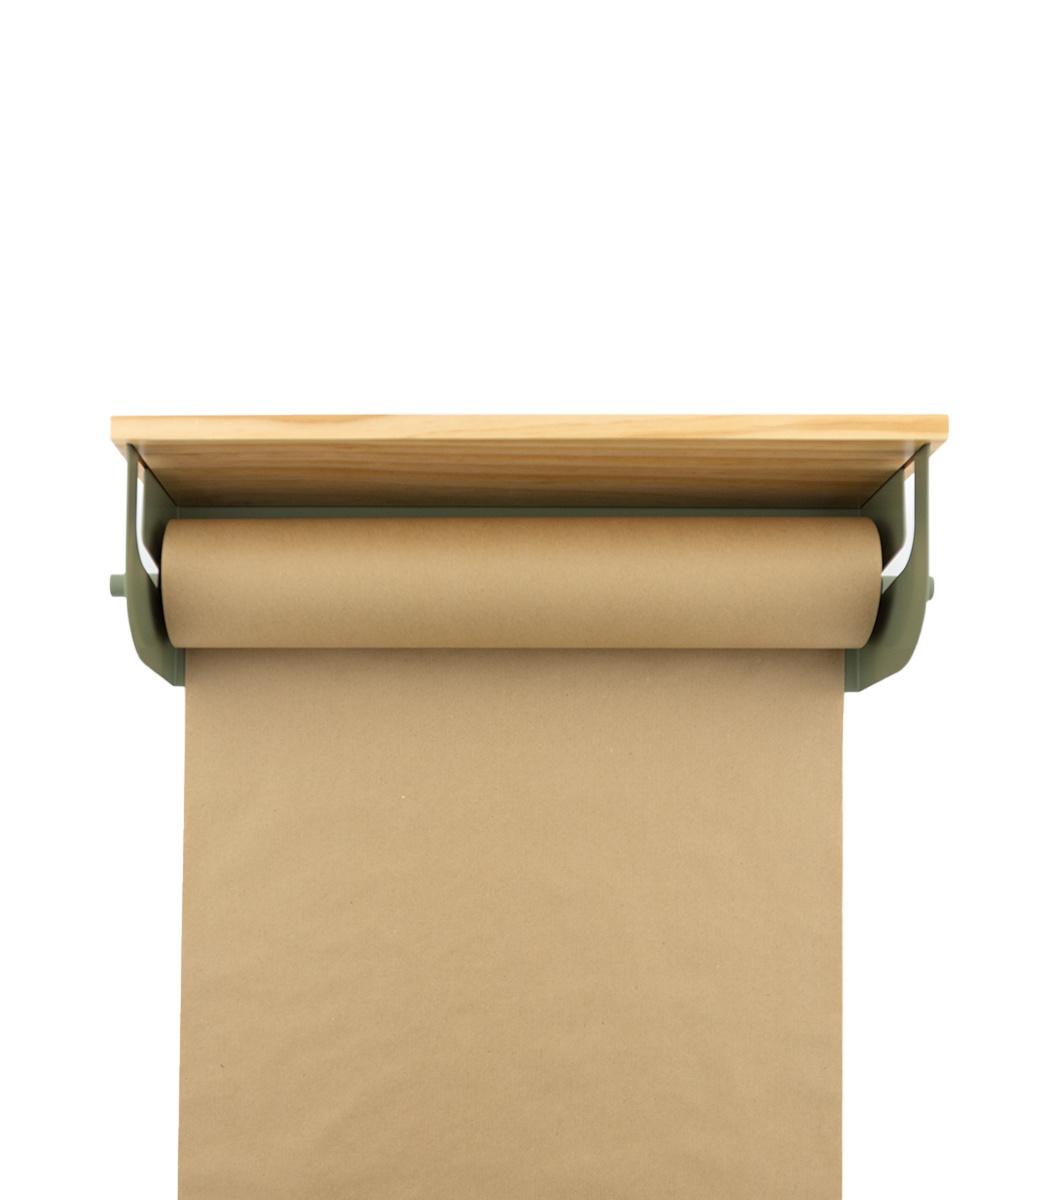 Wooden shelf - Hout-3